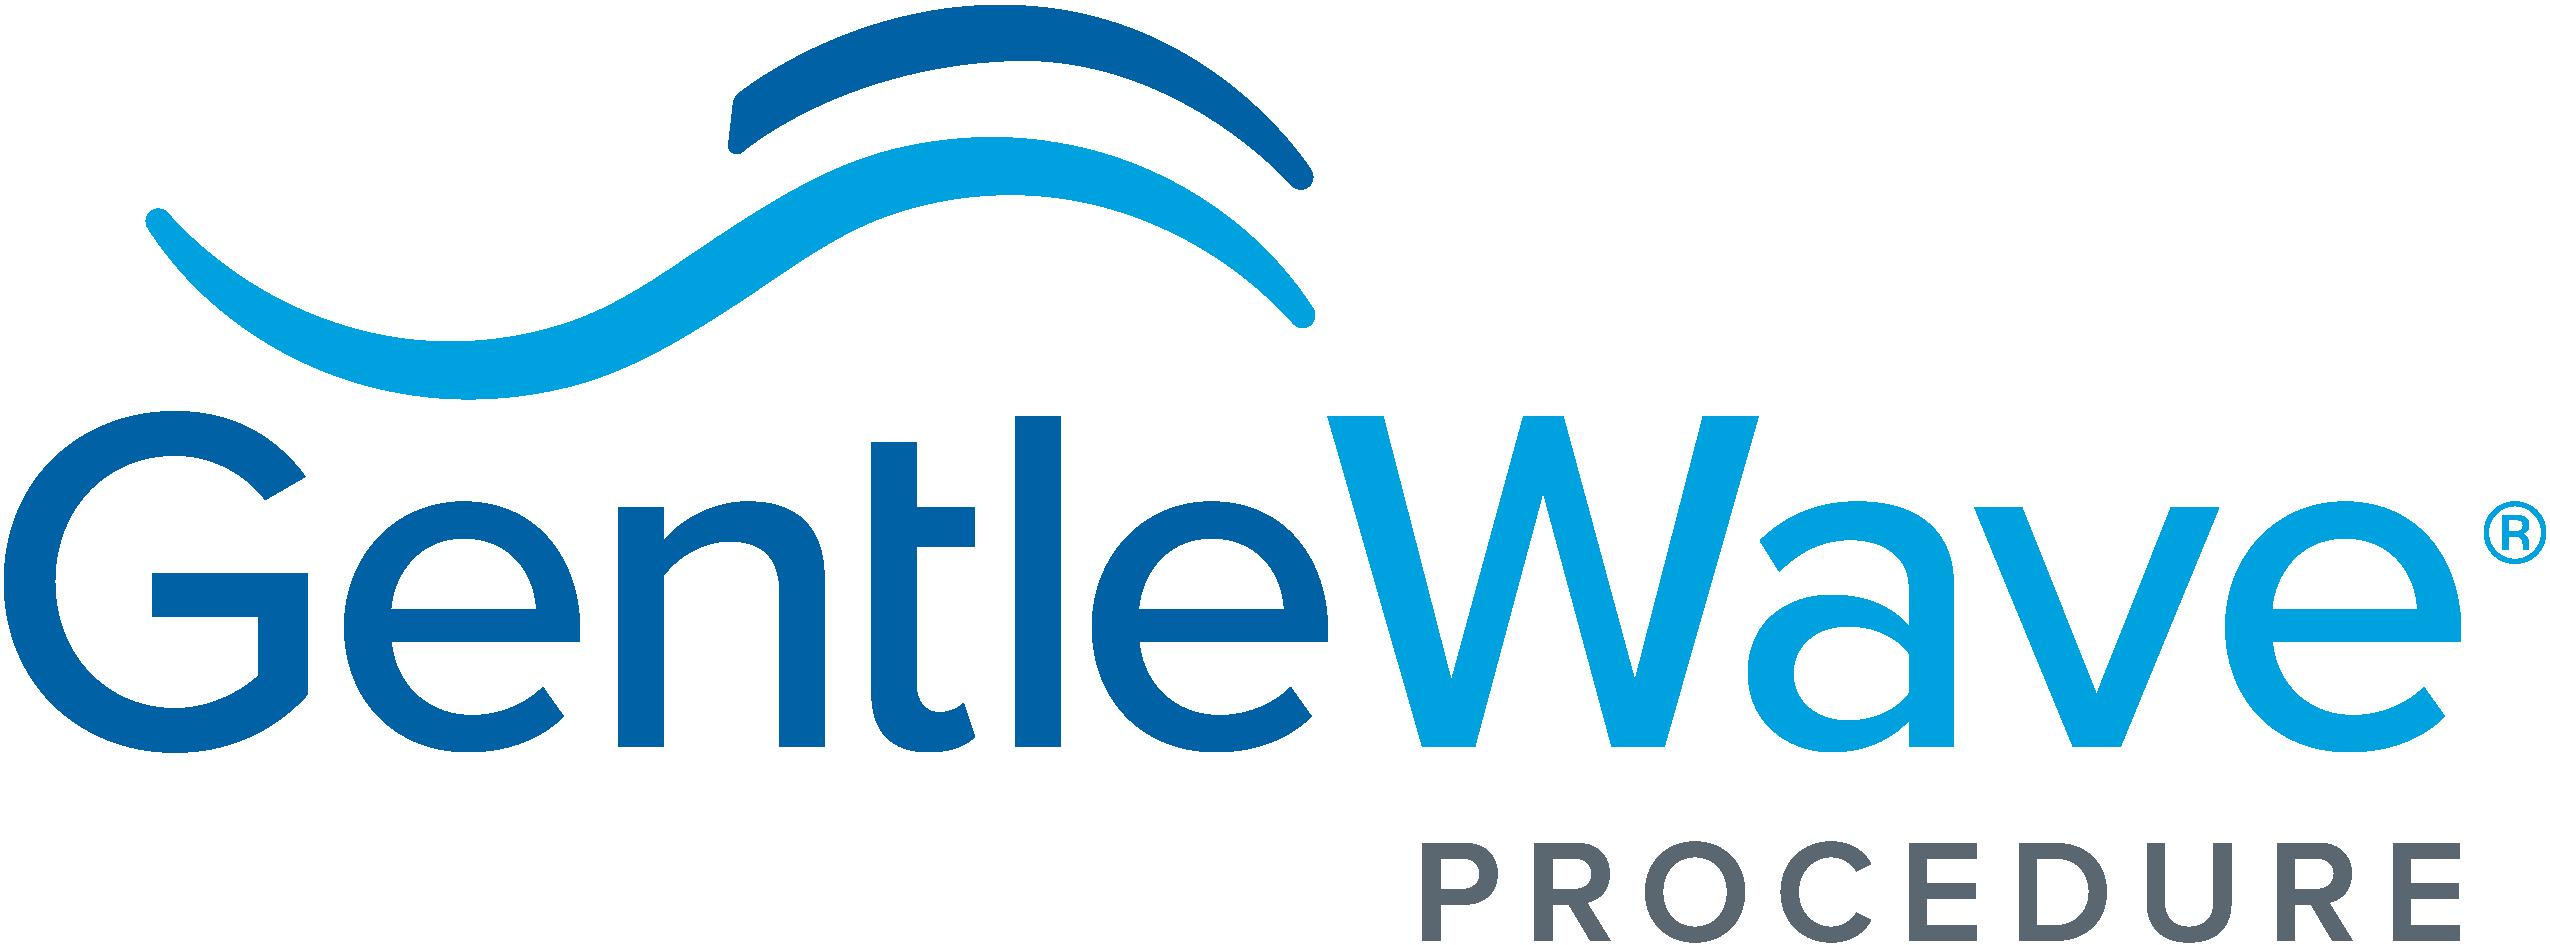 gentlewave_procedure_logo_rgb